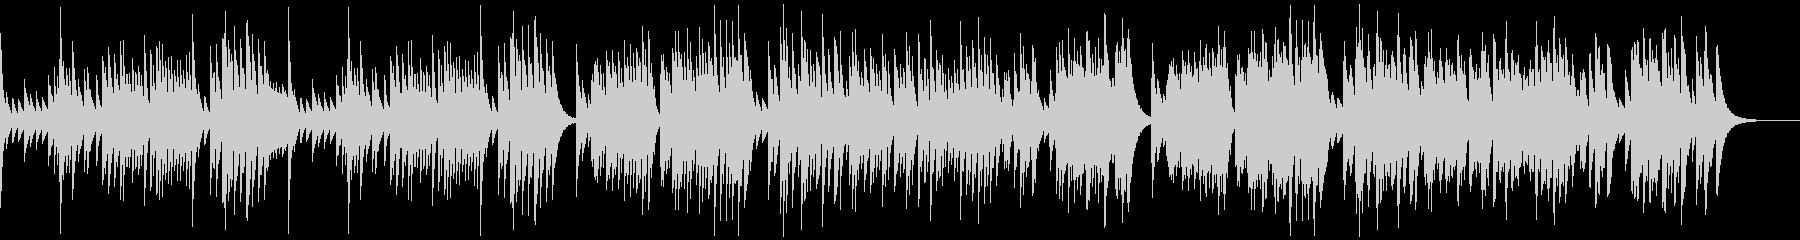 G線上のアリア オルゴールの未再生の波形